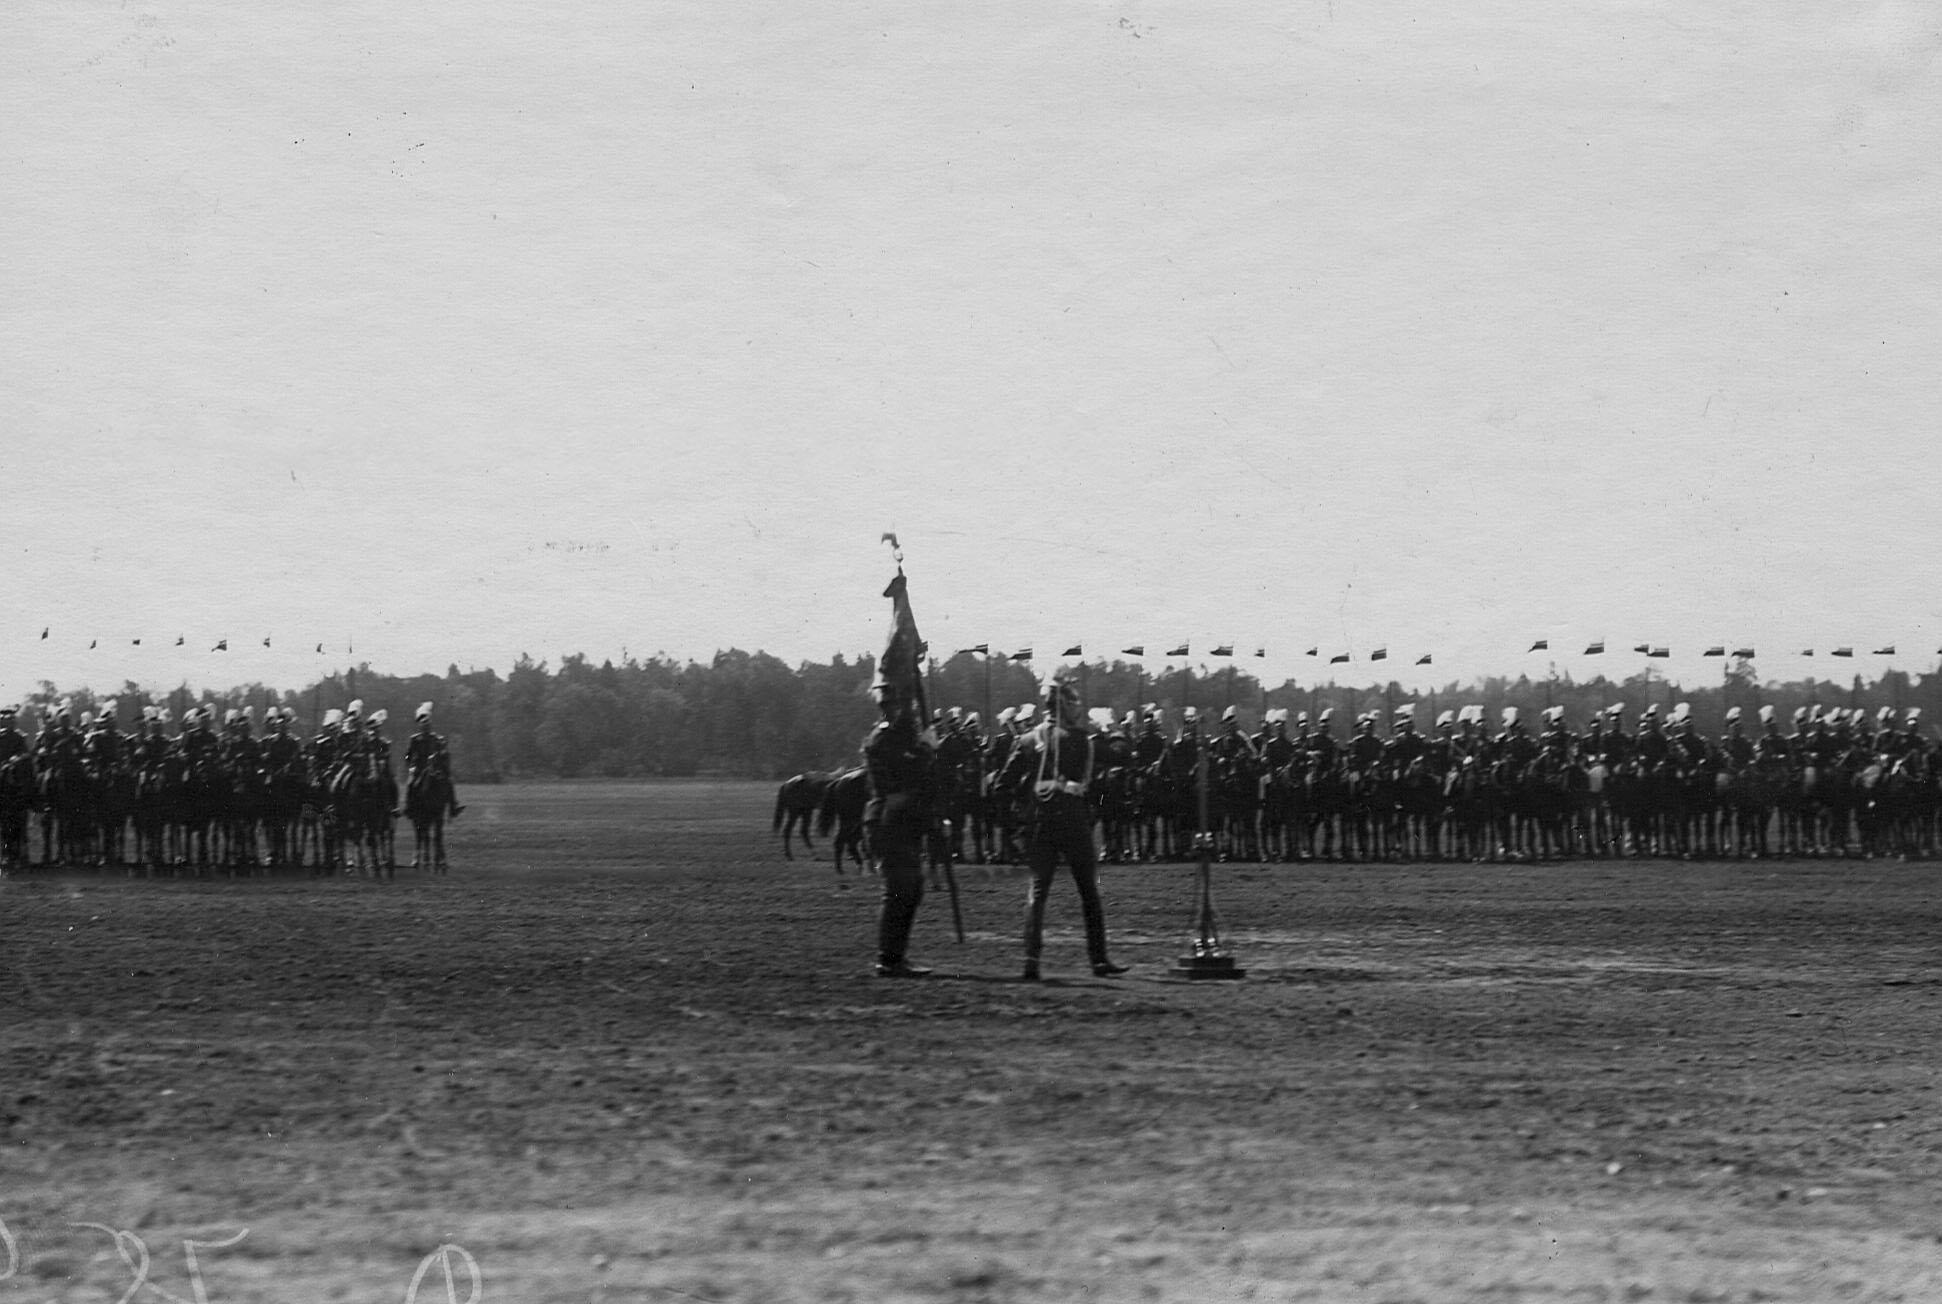 Вынос полкового штандарта на параде Уланского Её Величества лейб-гвардии полка